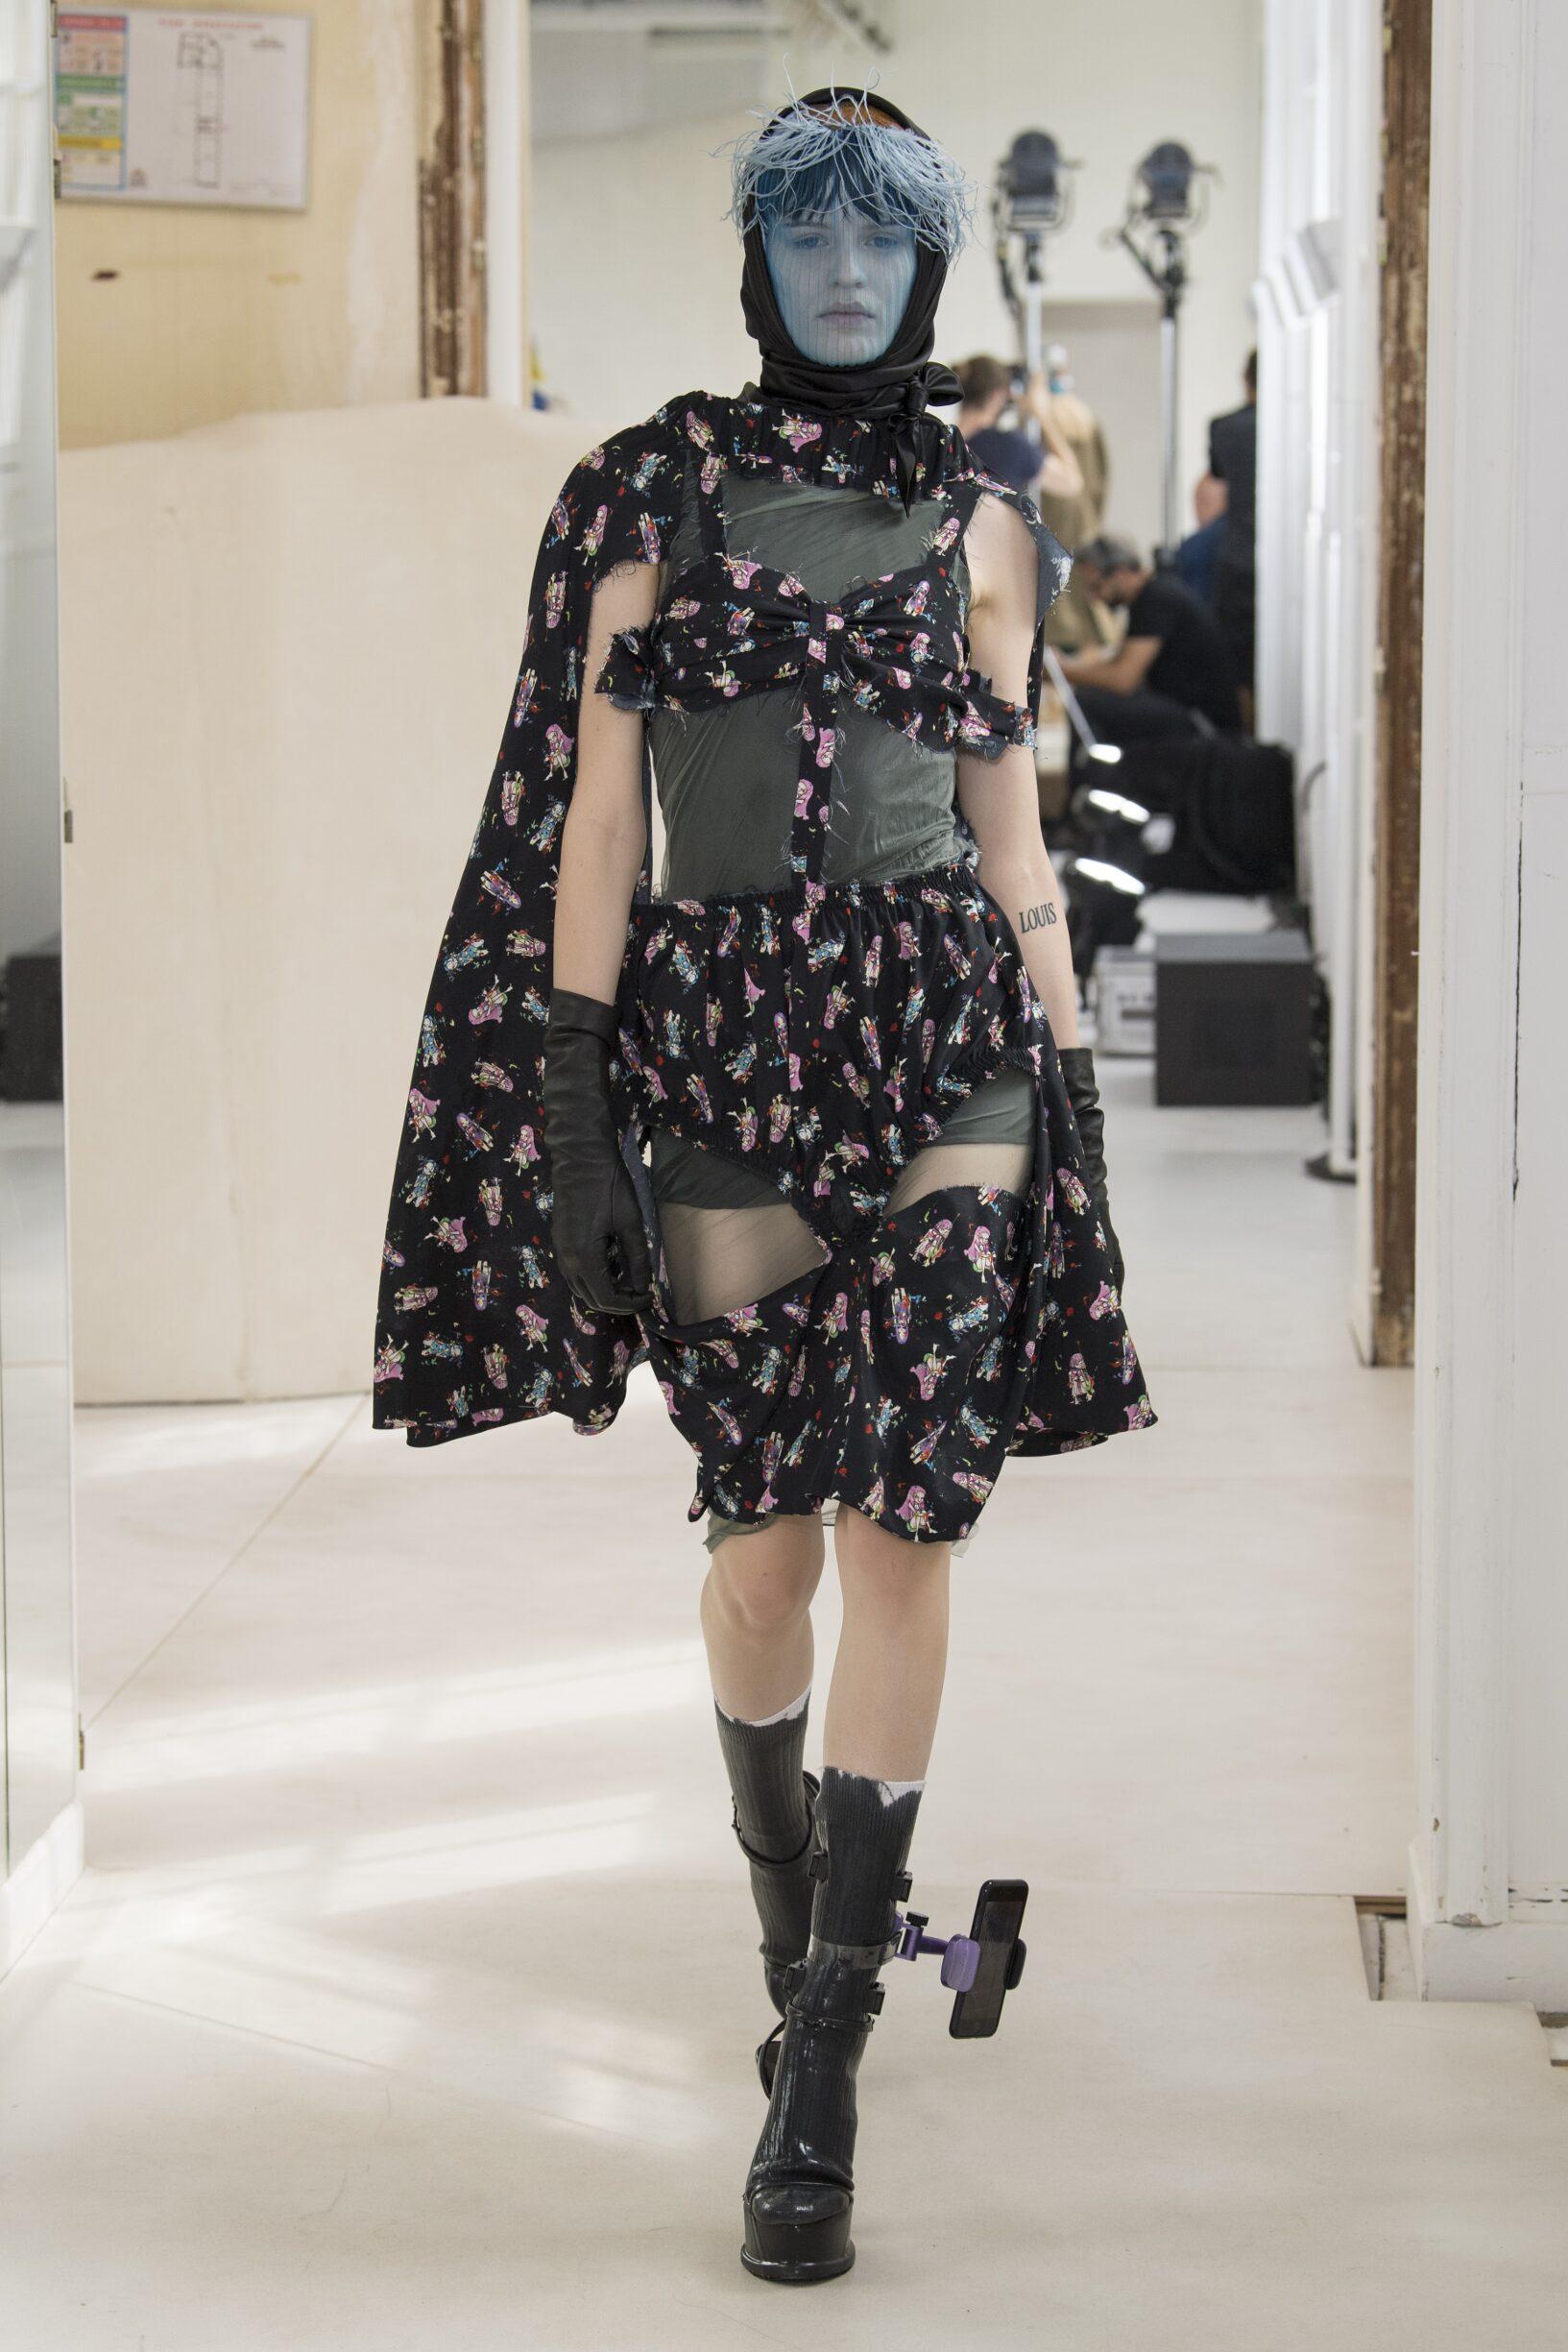 Fashion Model Maison Margiela Artisanal Catwalk